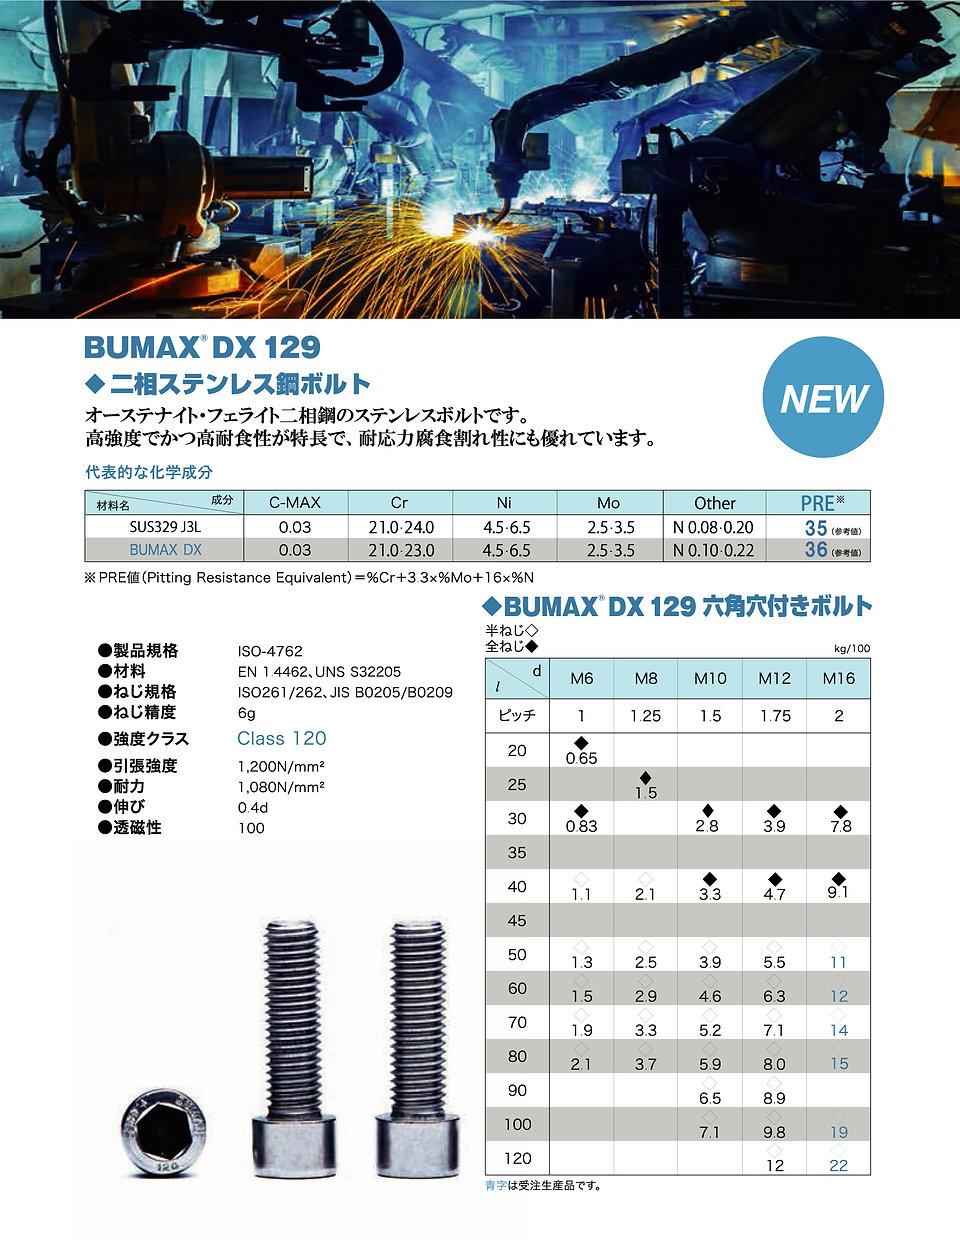 BUMAXDX129